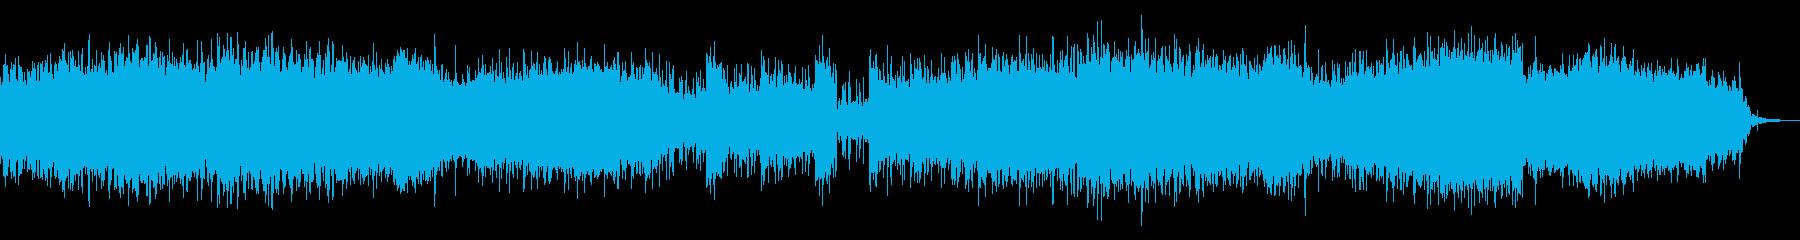 インダストリアルなテクスチャの再生済みの波形